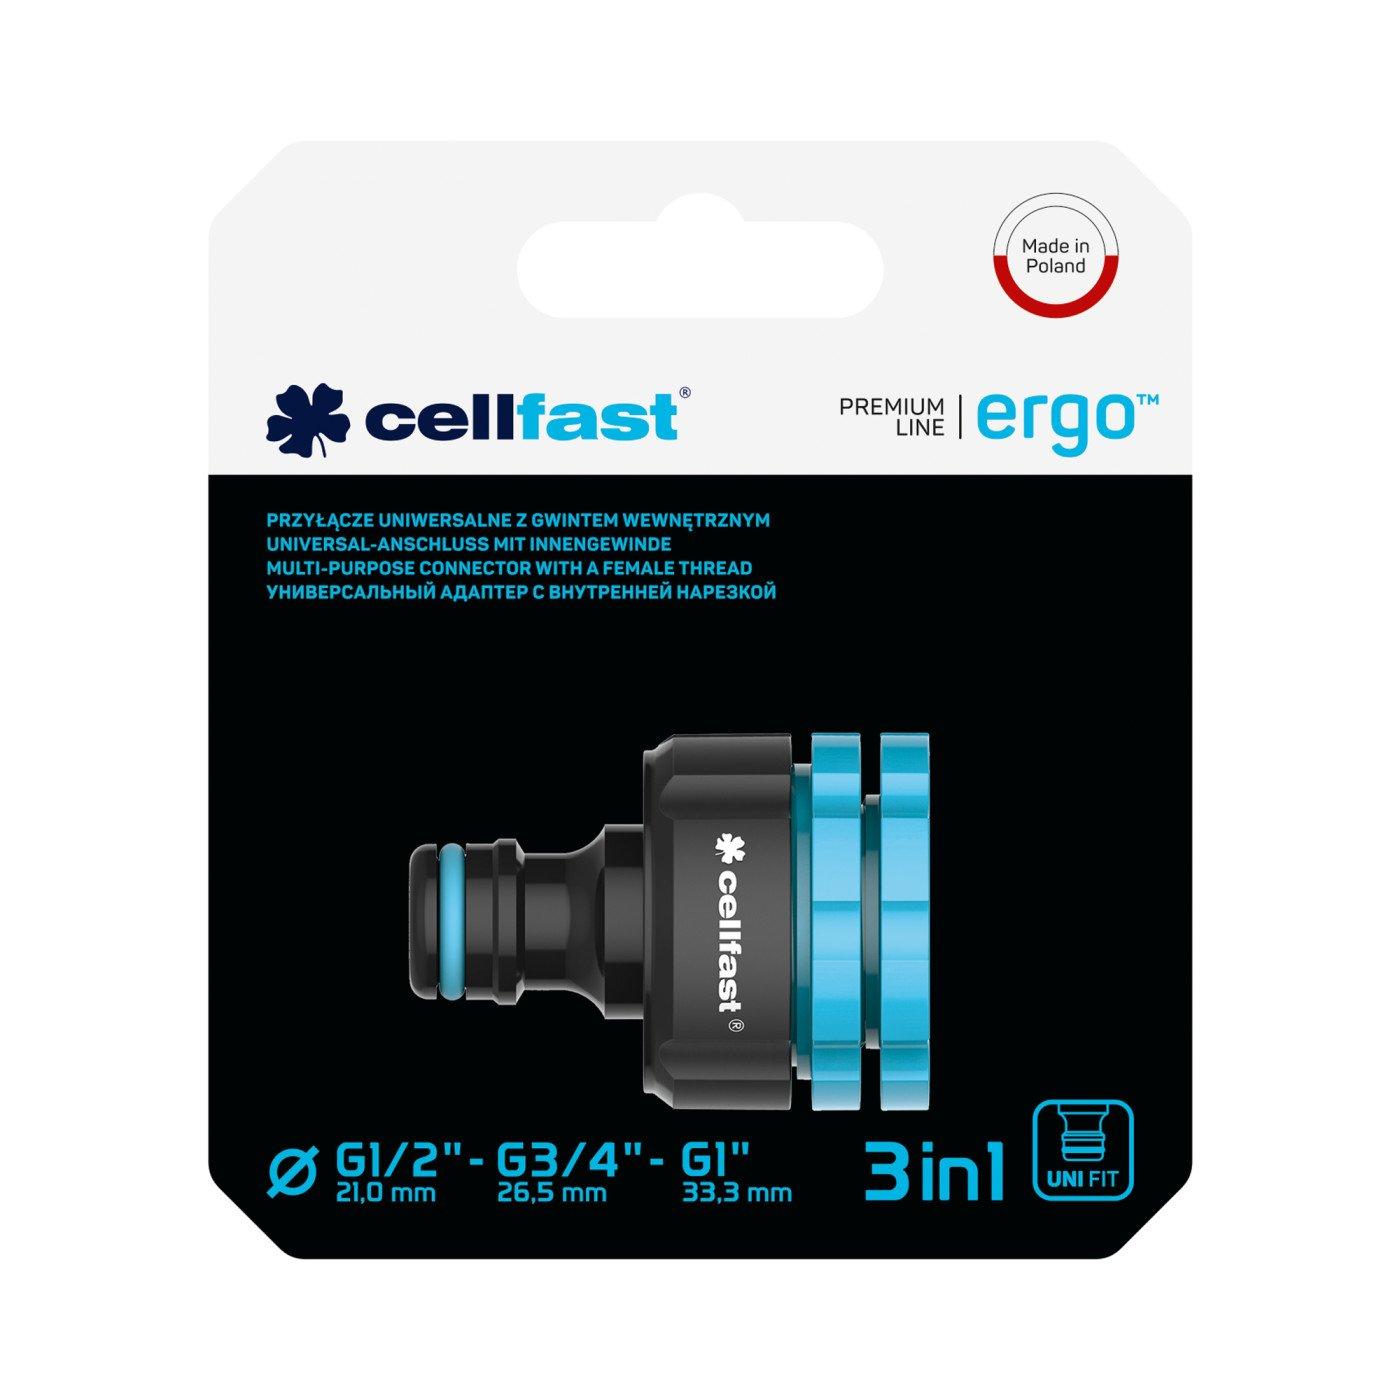 Cellfast Koppselstuk met Binnendraad